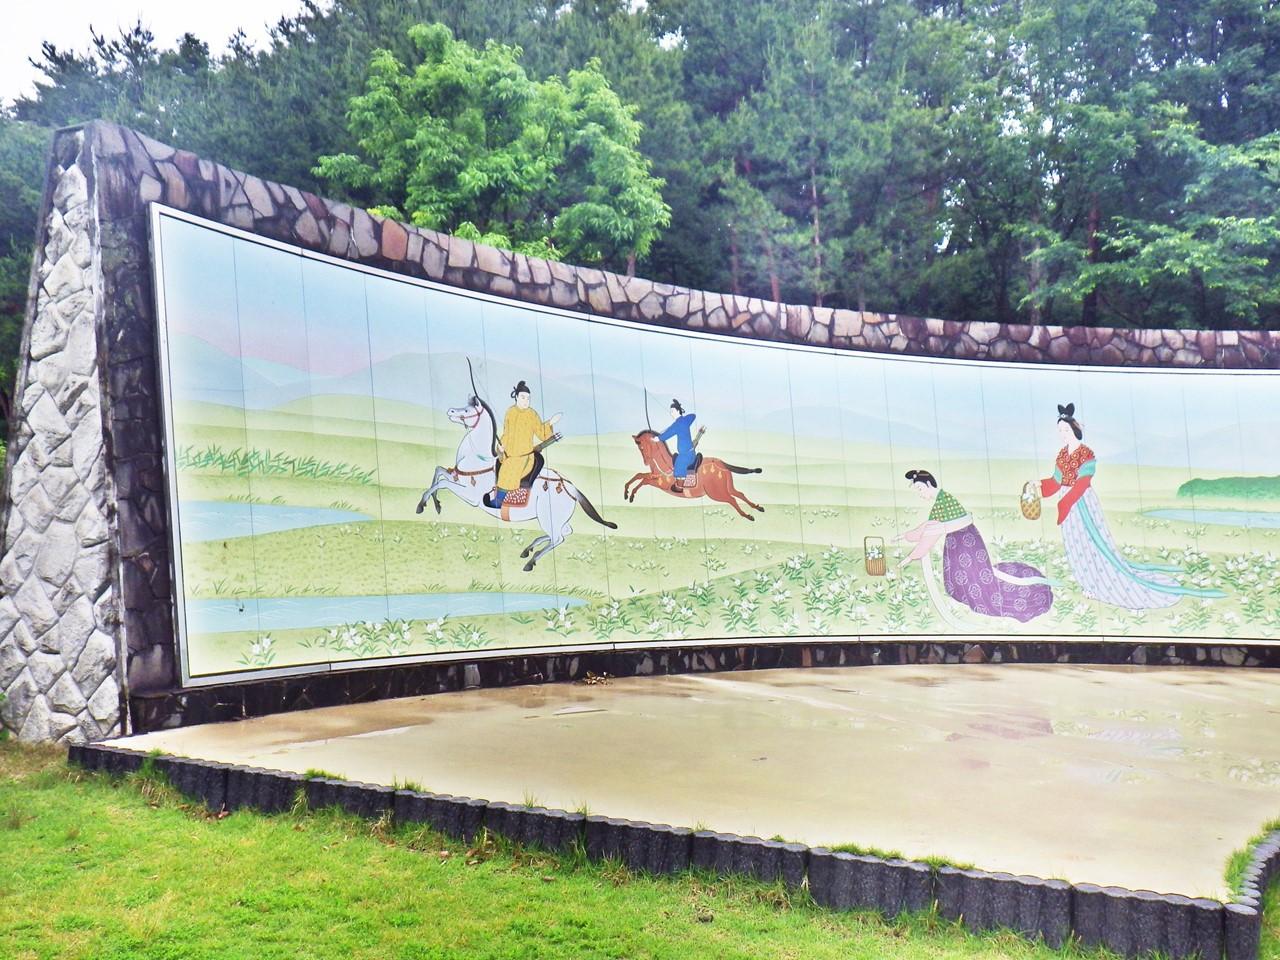 02b 公園内の陶板壁画